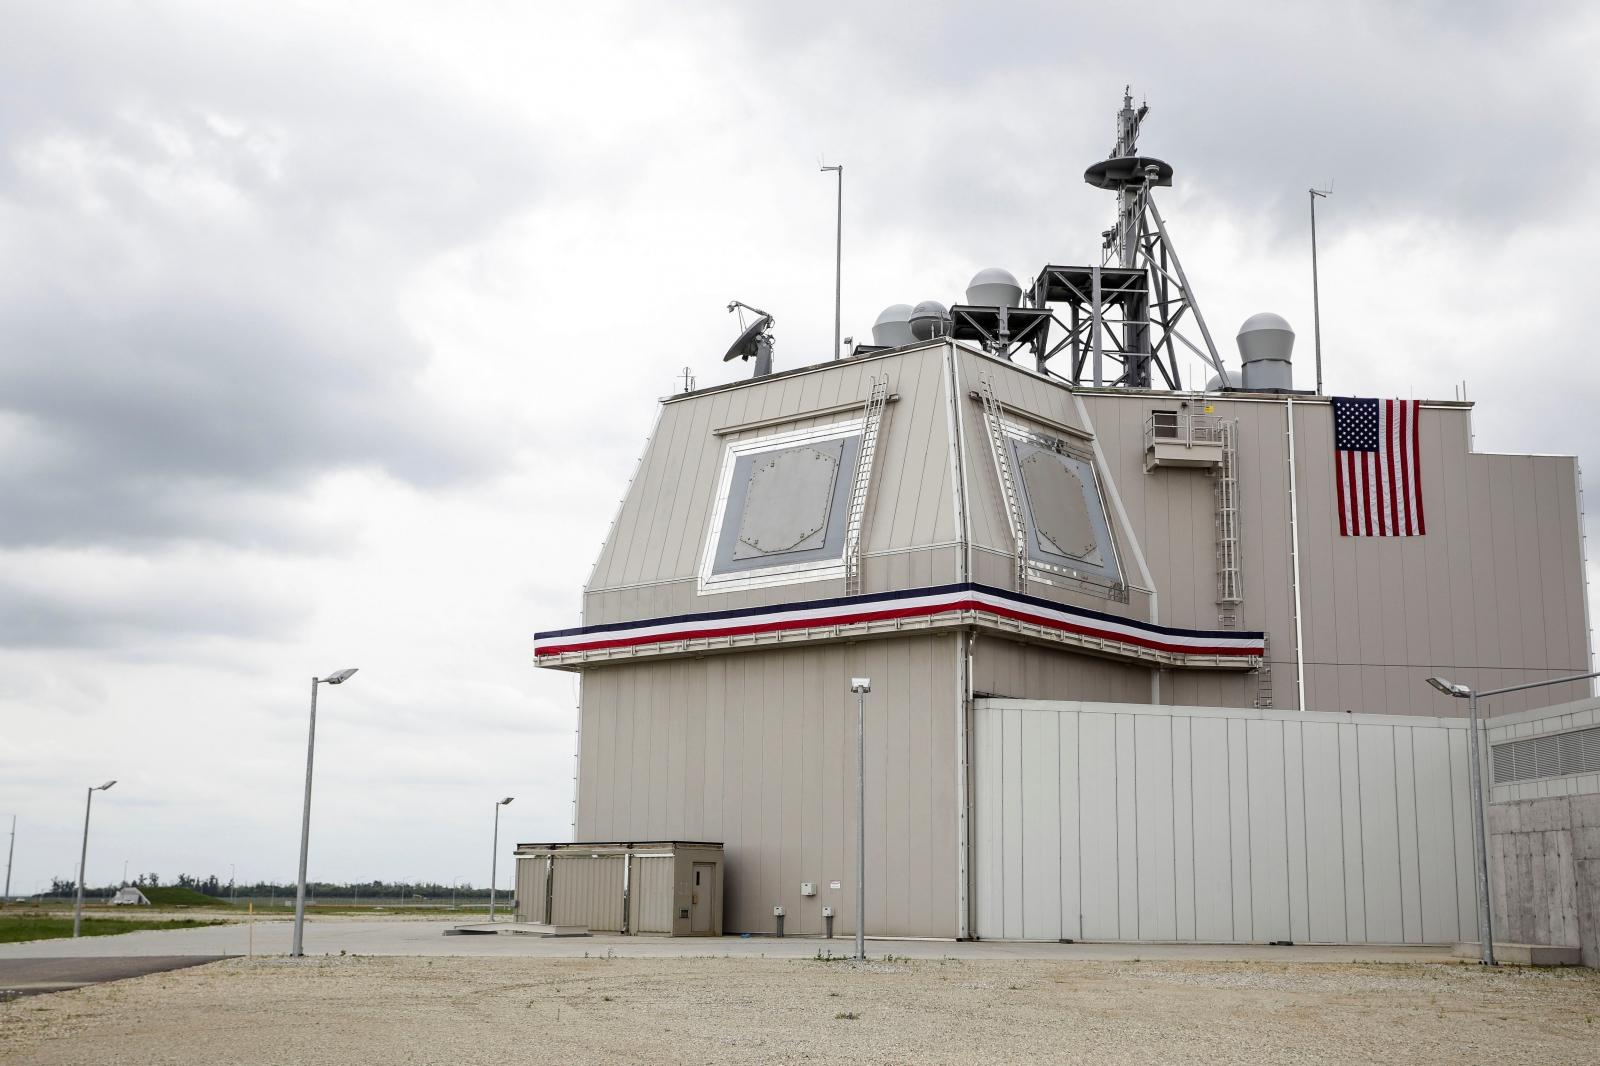 Aegis Ashore Missile Defense System